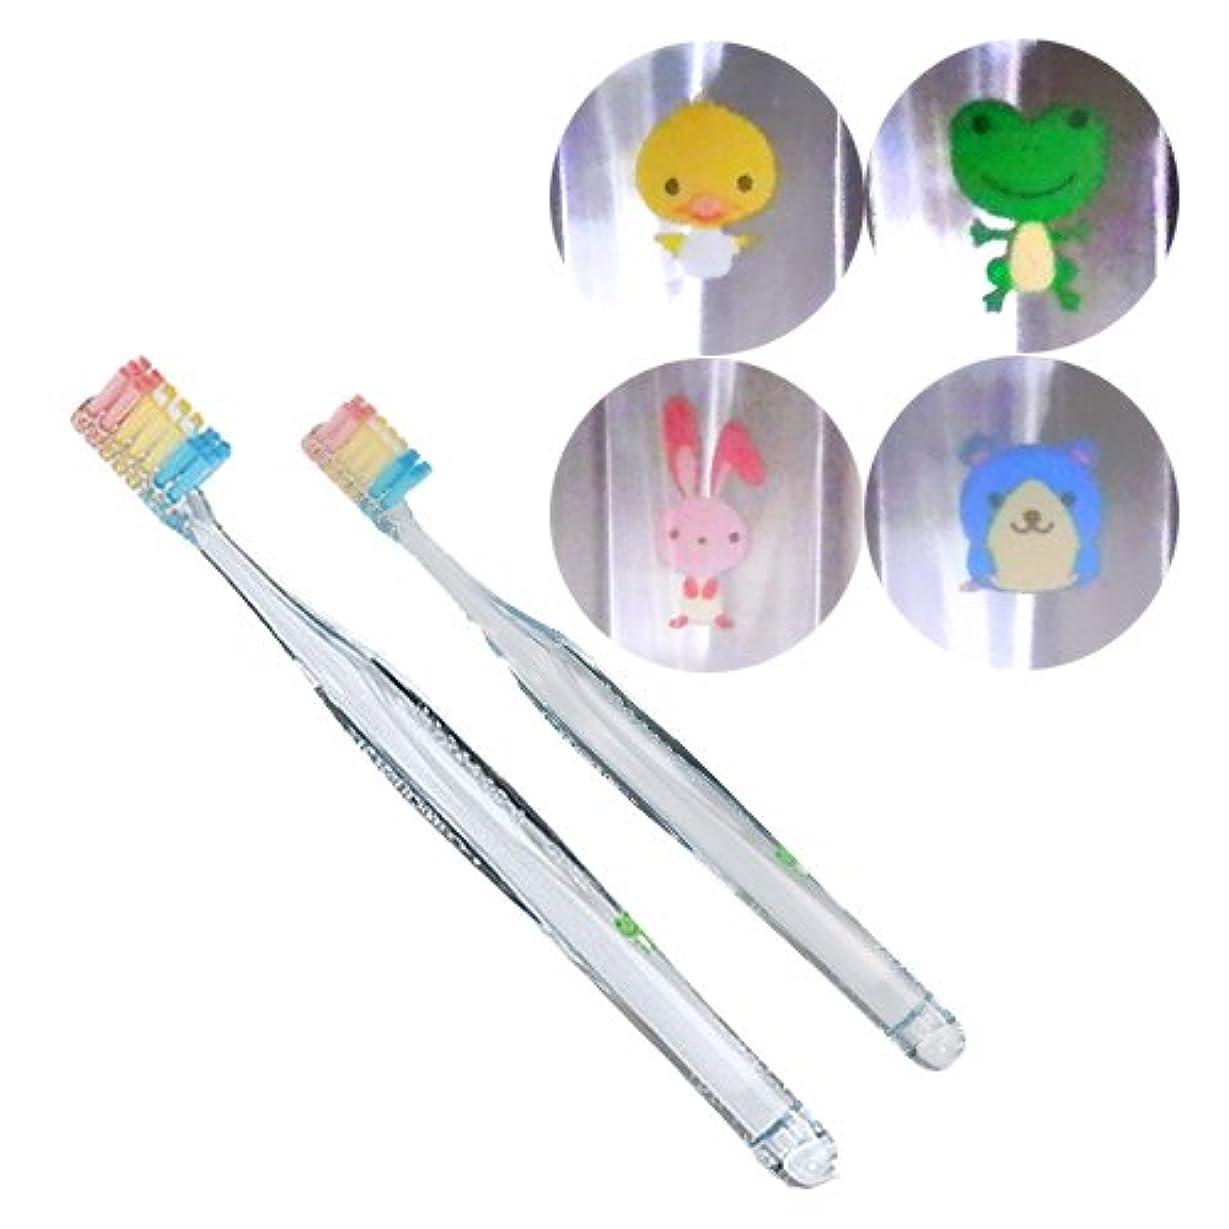 スプレーコンチネンタル不利プロスペックプラスフォーレッスン歯ブラシ1本タイニー/スモール (スモール)